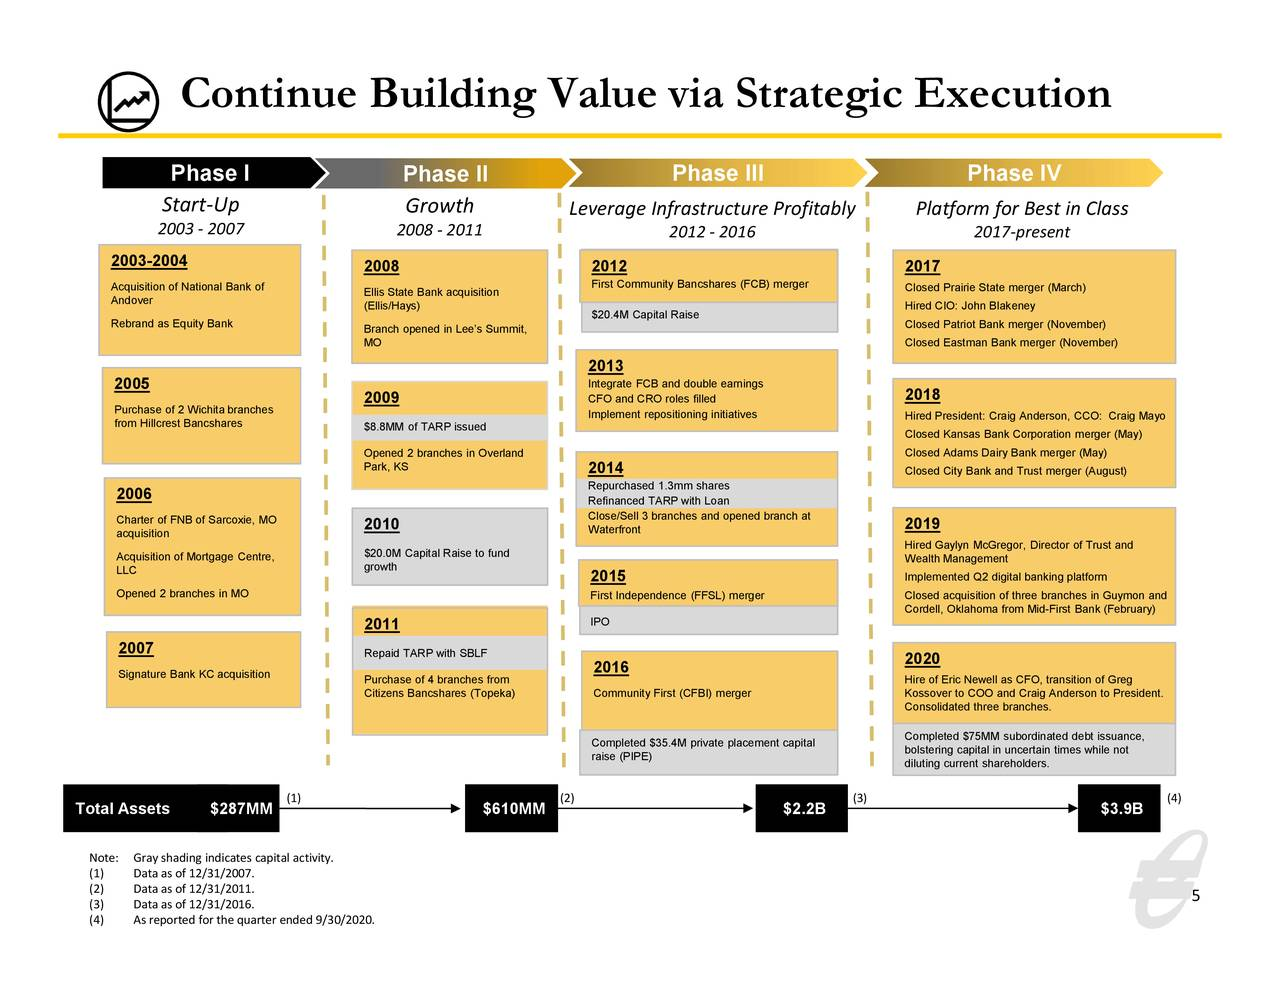 Continuar generando valor mediante la ejecución estratégica